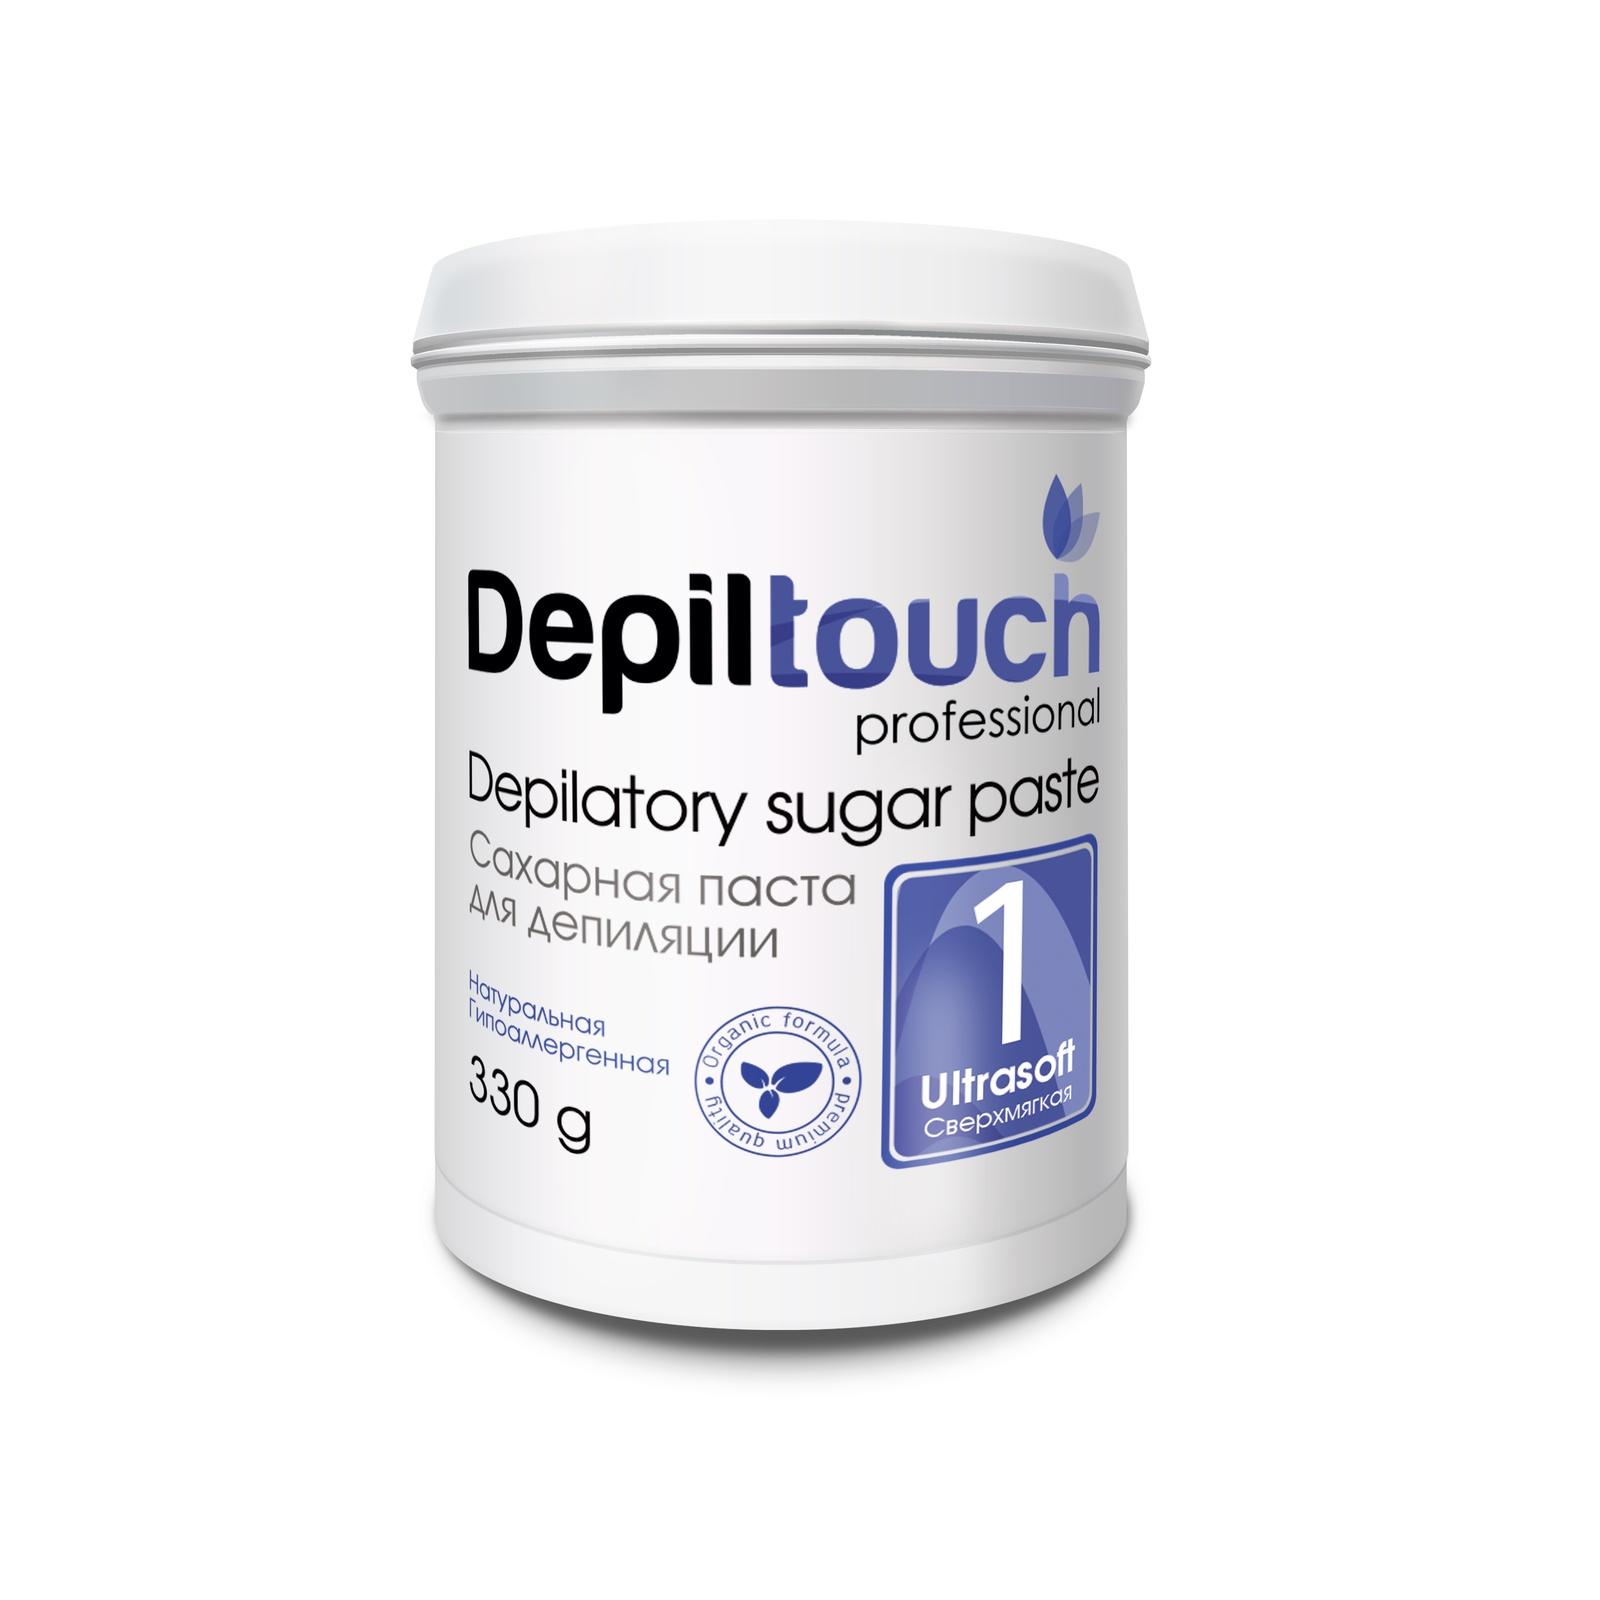 Depiltouch 87702 Сахарная паста для депиляции 1 СВЕРХМЯГКАЯ Depiltouch professional 330г сахарная паста для депиляции jessnail отзывы